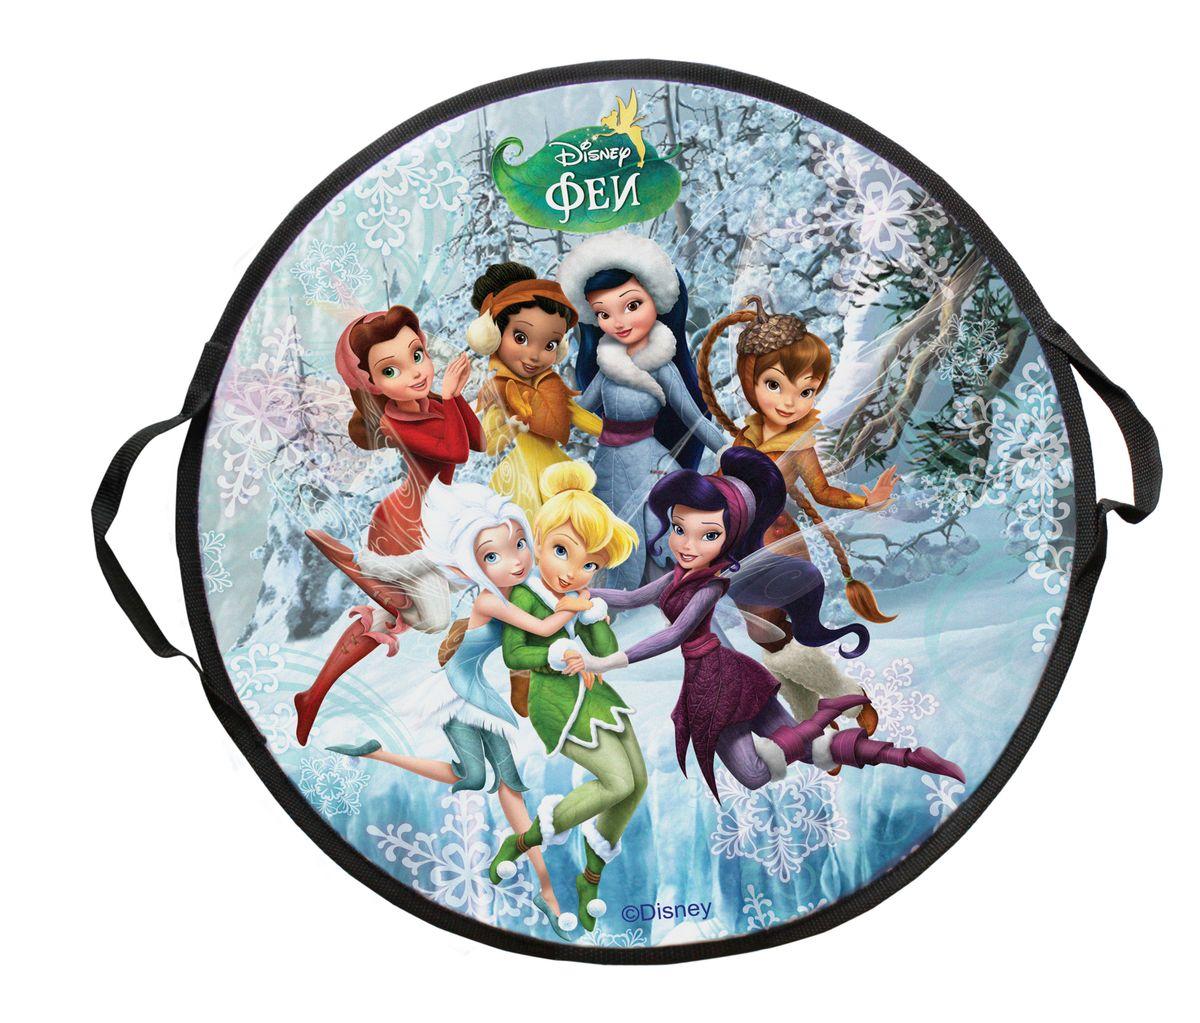 Ледянка круглая 52см, Disney ФеяТ58165Ледянка Disney Феи станет прекрасным подарком. Изделие предназначено катания с горок и идеально подойдет для девочек. Ледянка развивает на спуске хорошую скорость. Плотные ручки, расположенные по краям изделия помогут не упасть.Зимние игры на свежем воздухе. Статья OZON Гид